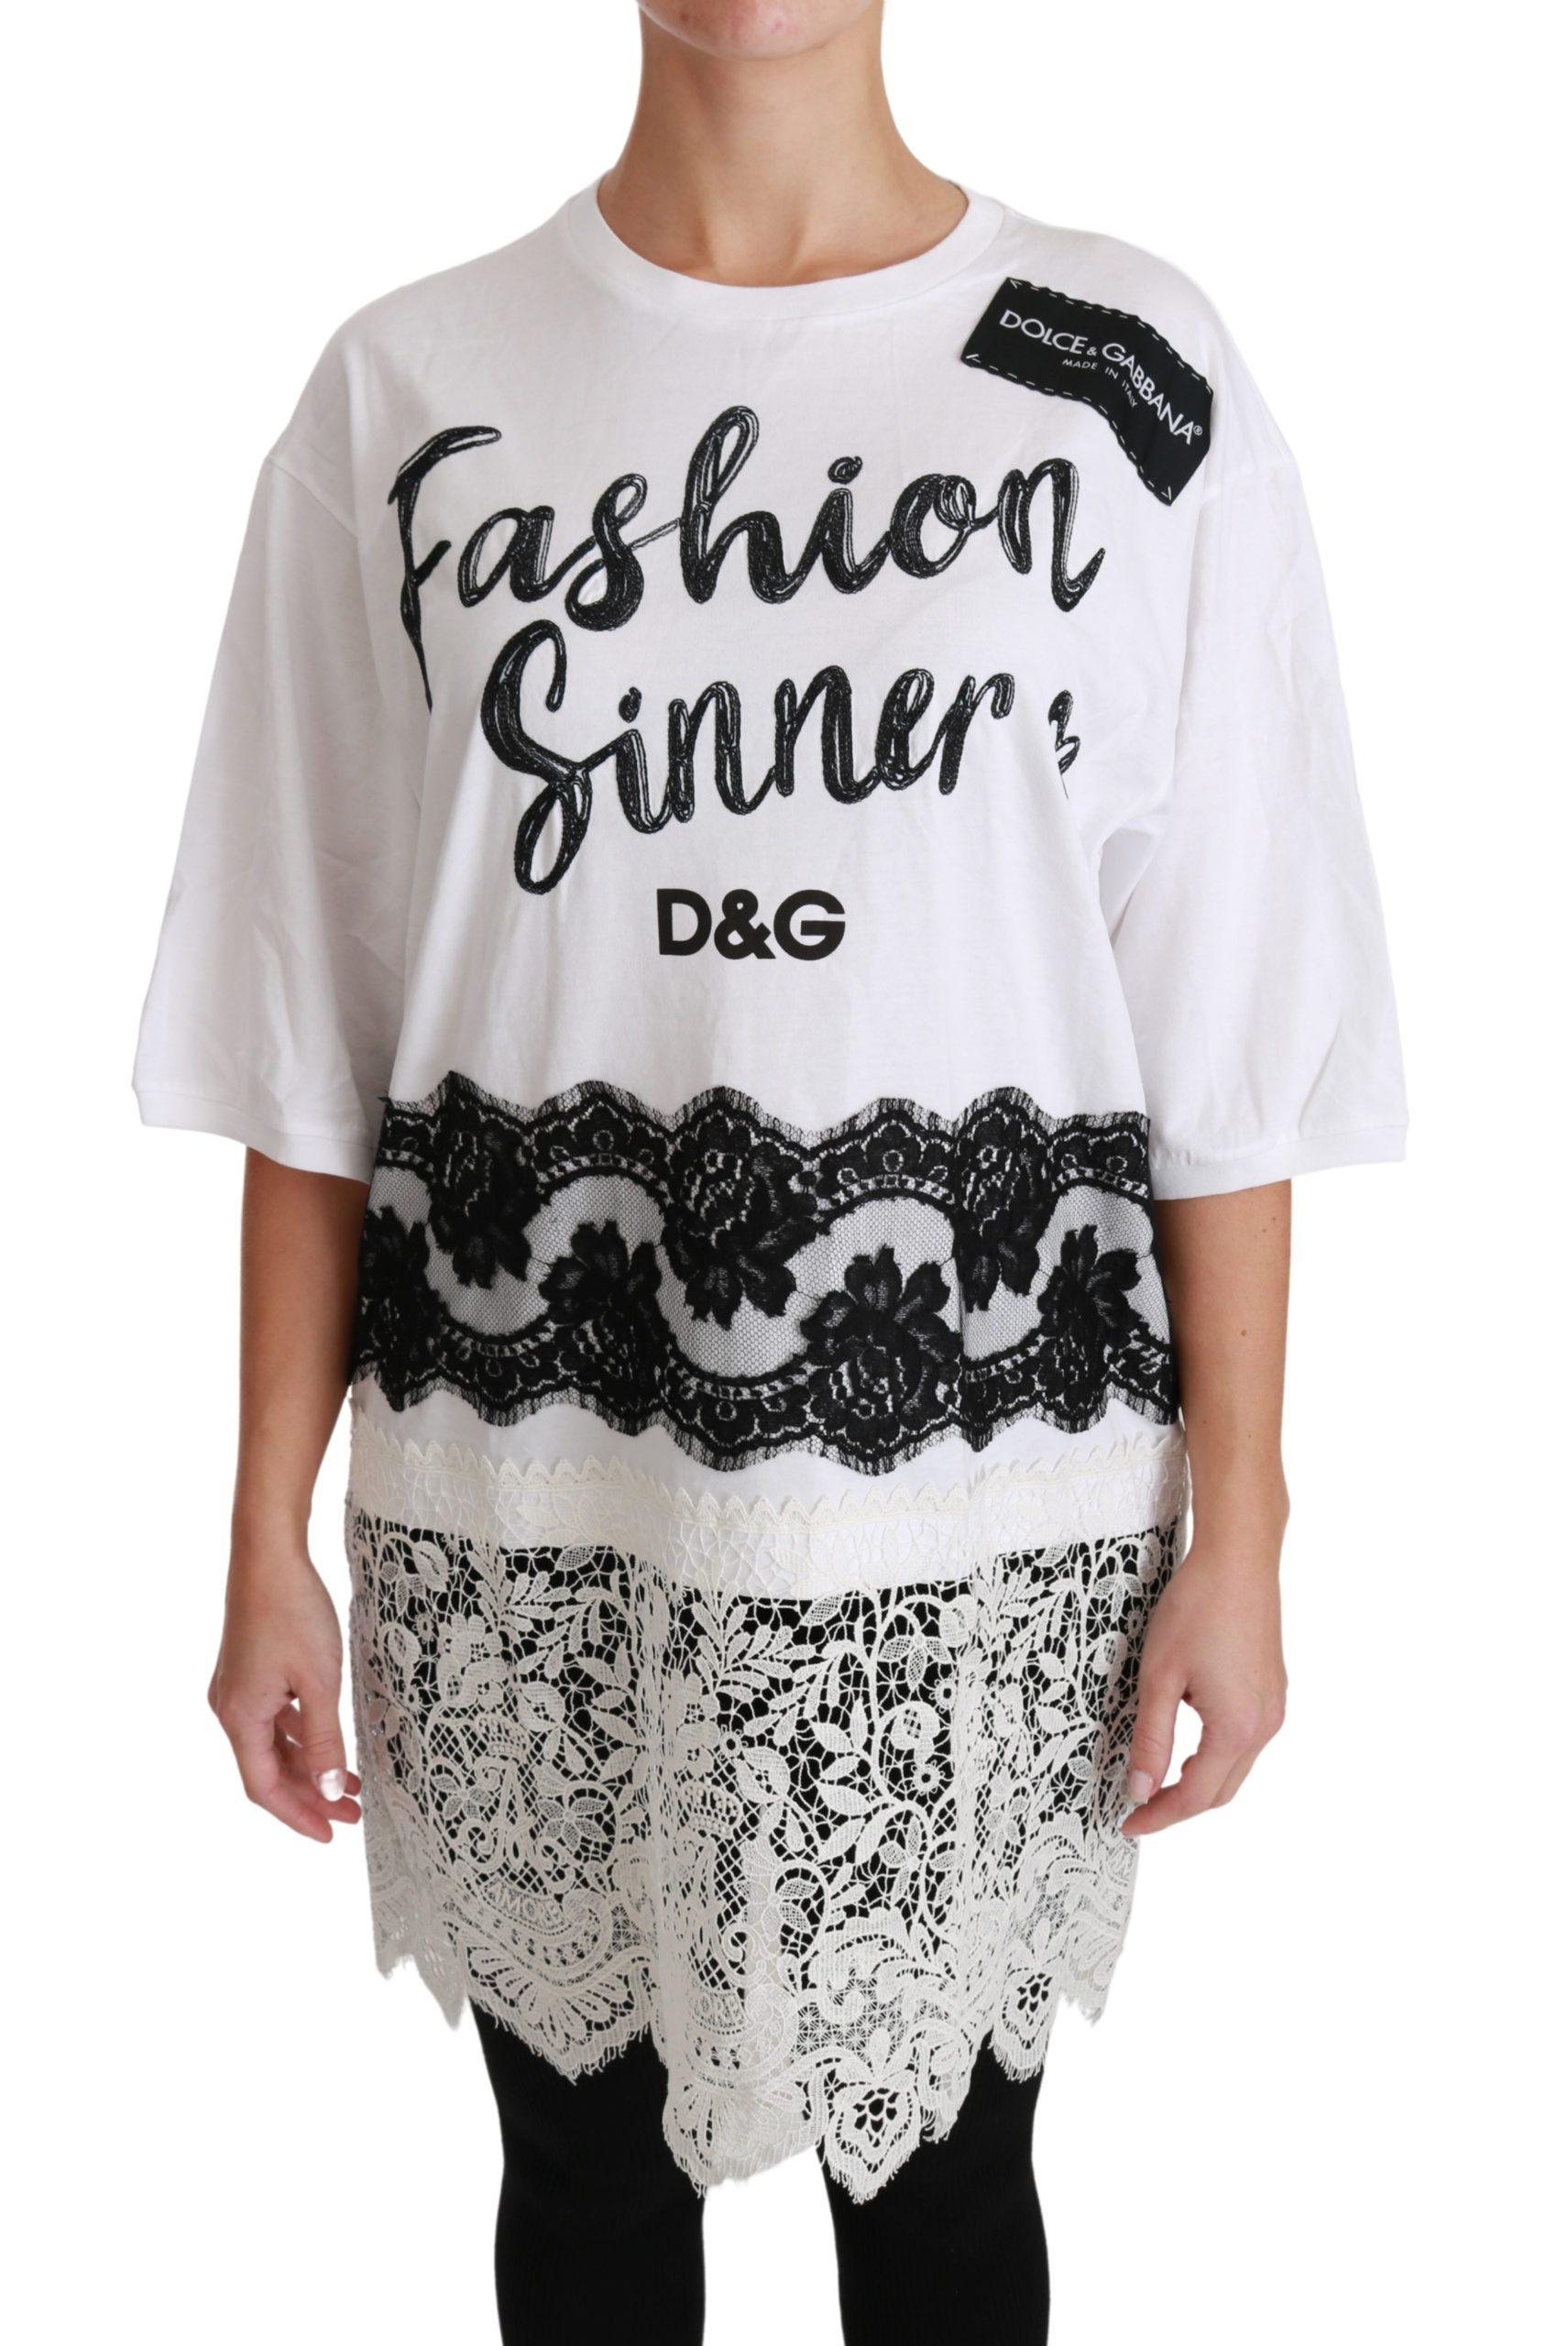 Dolce & Gabbana Women's Lace Fashion Sinners Top White TSH4430 - IT36   XS